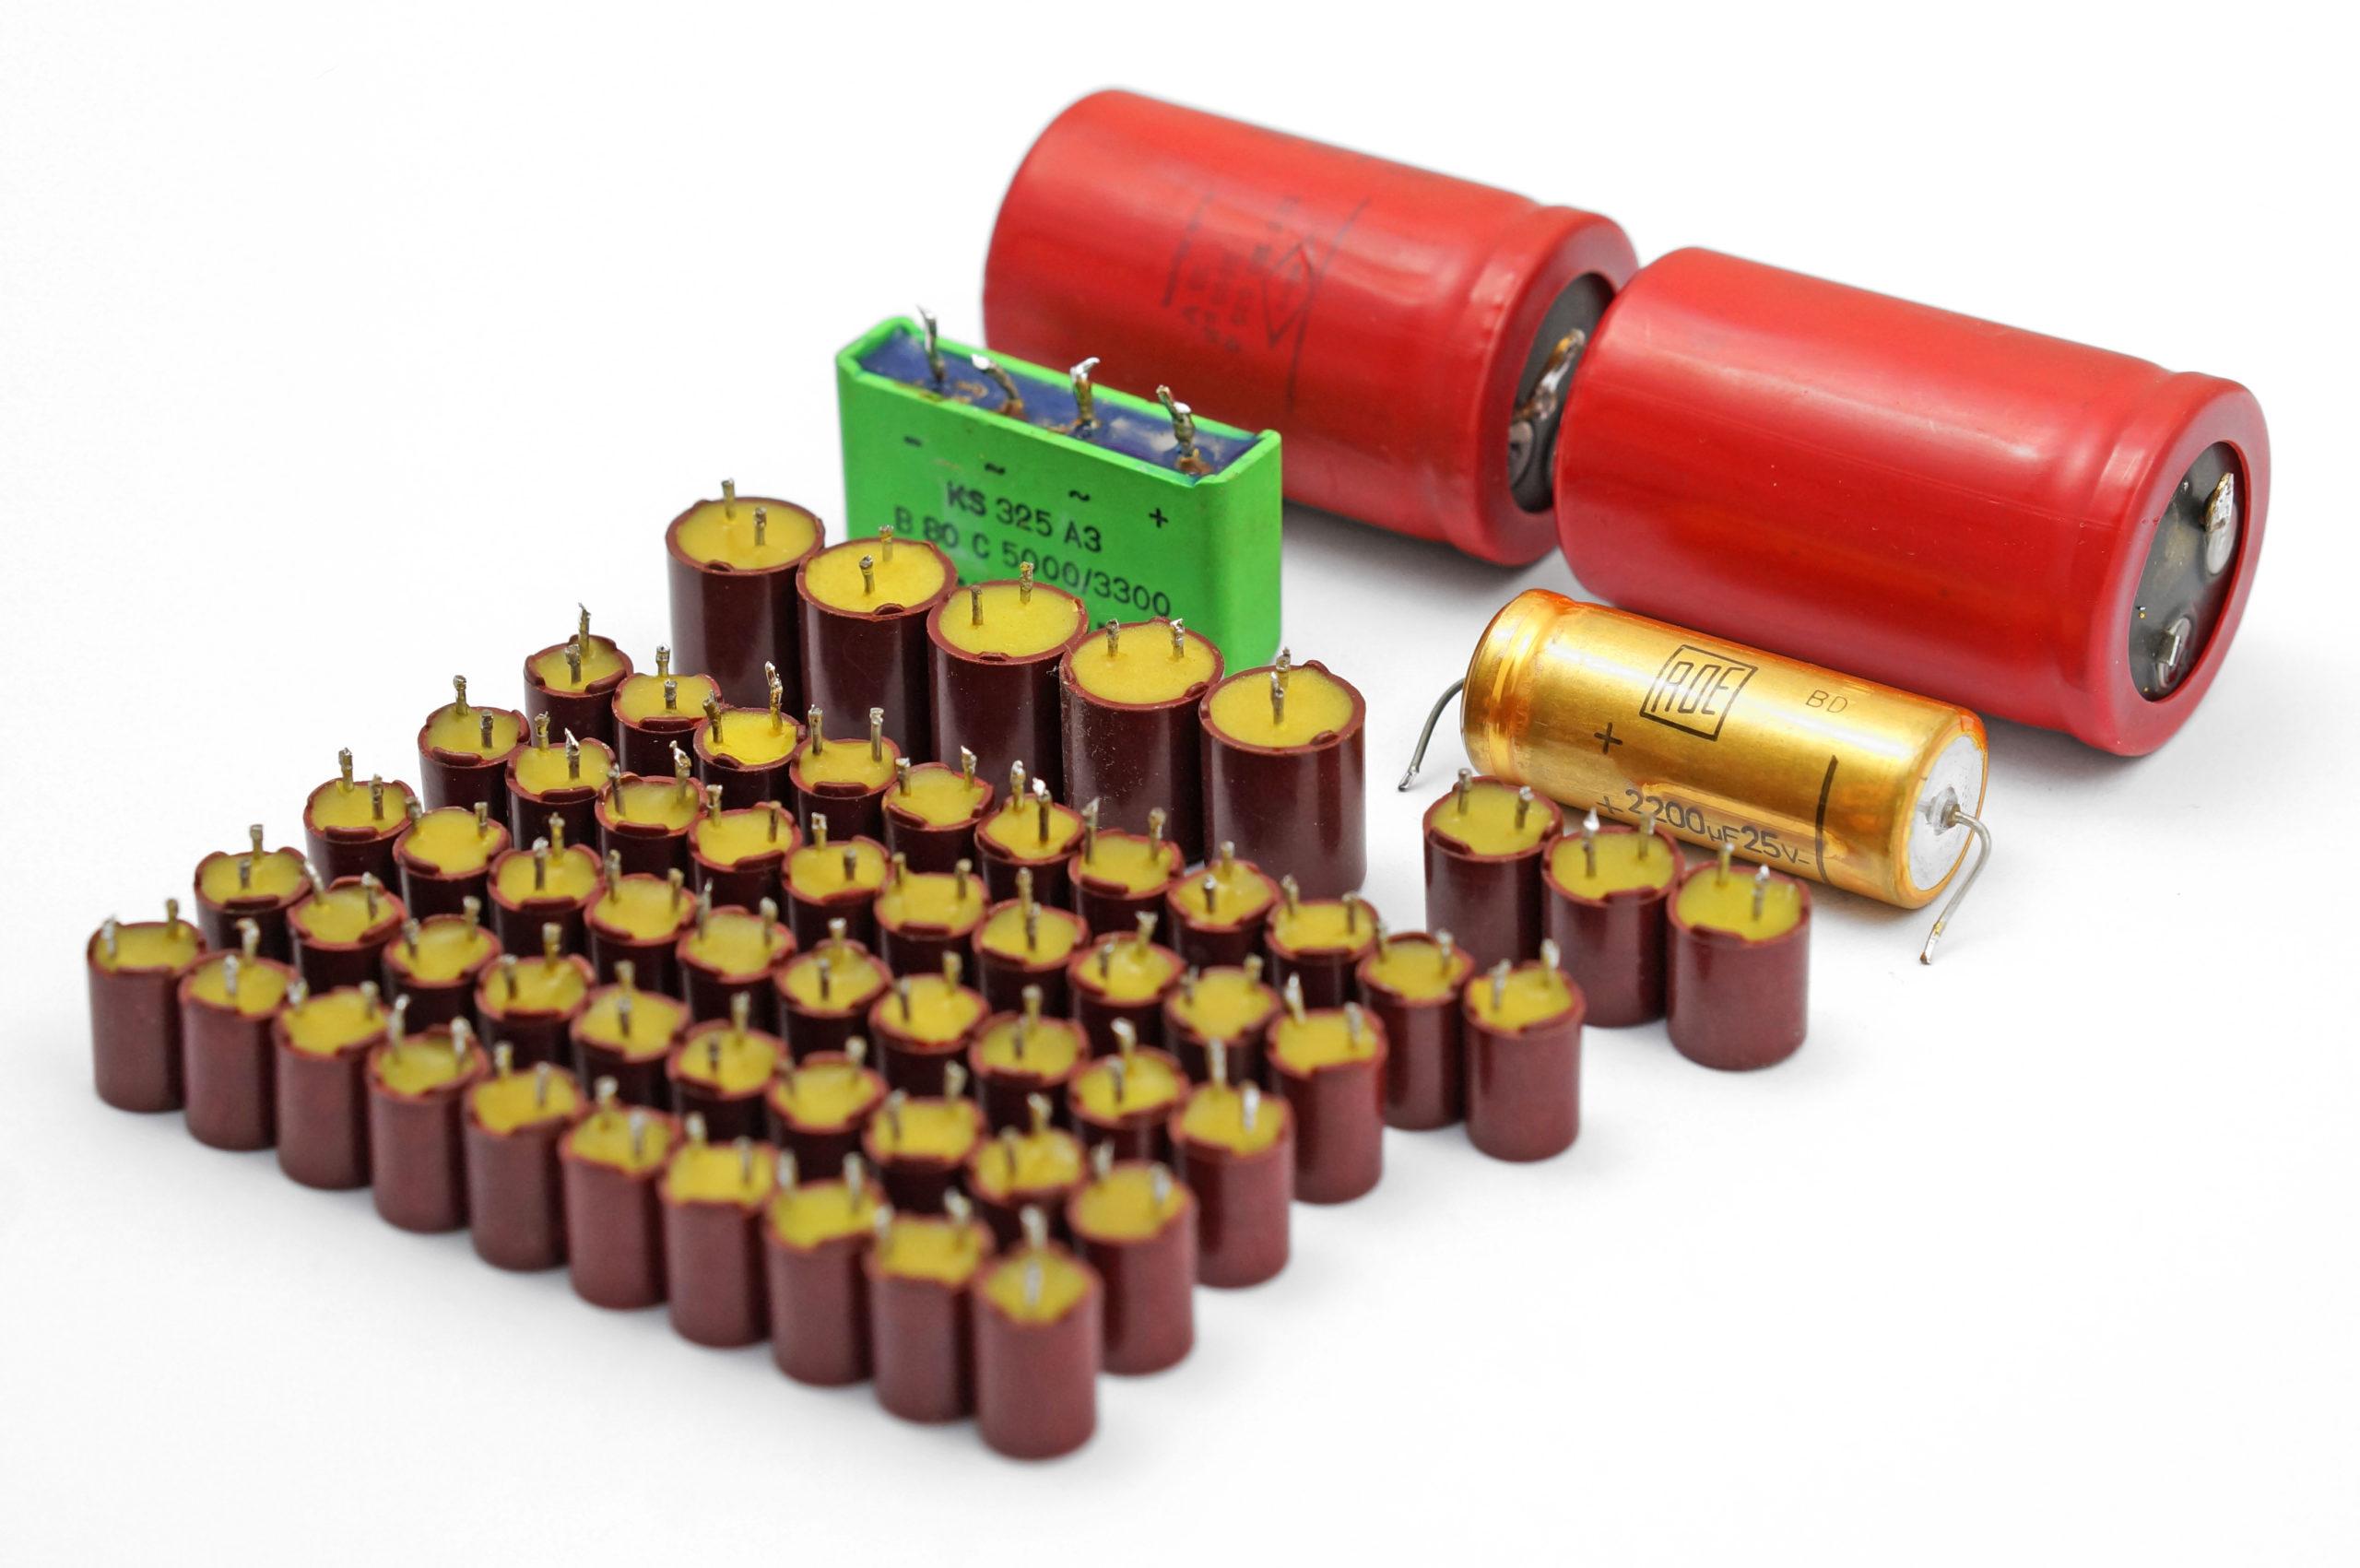 Beomaster 2400 Capacitors